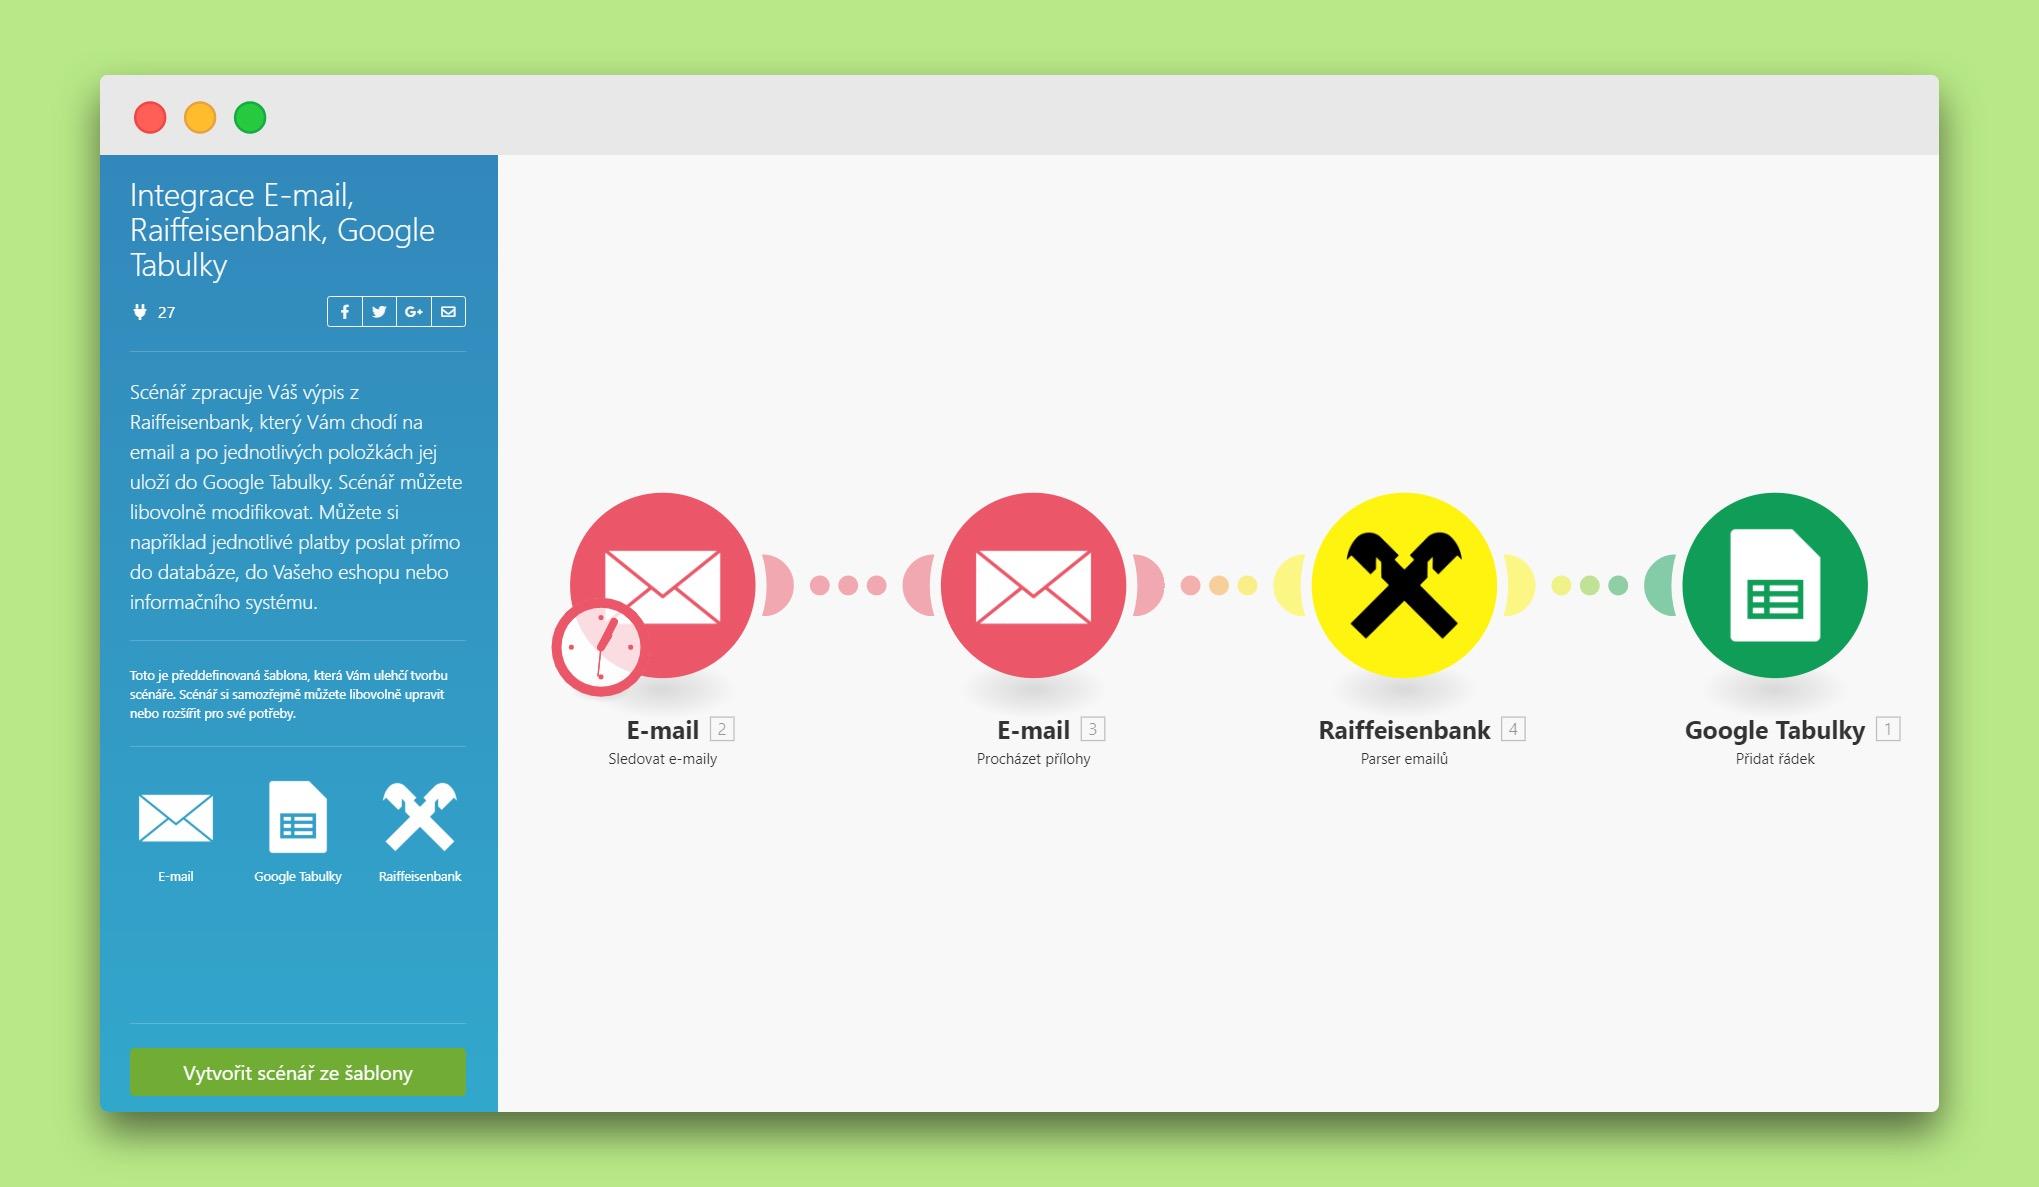 Příklad propojení e-mailů, výpisů z banky a Google Tabulek v Integromatu